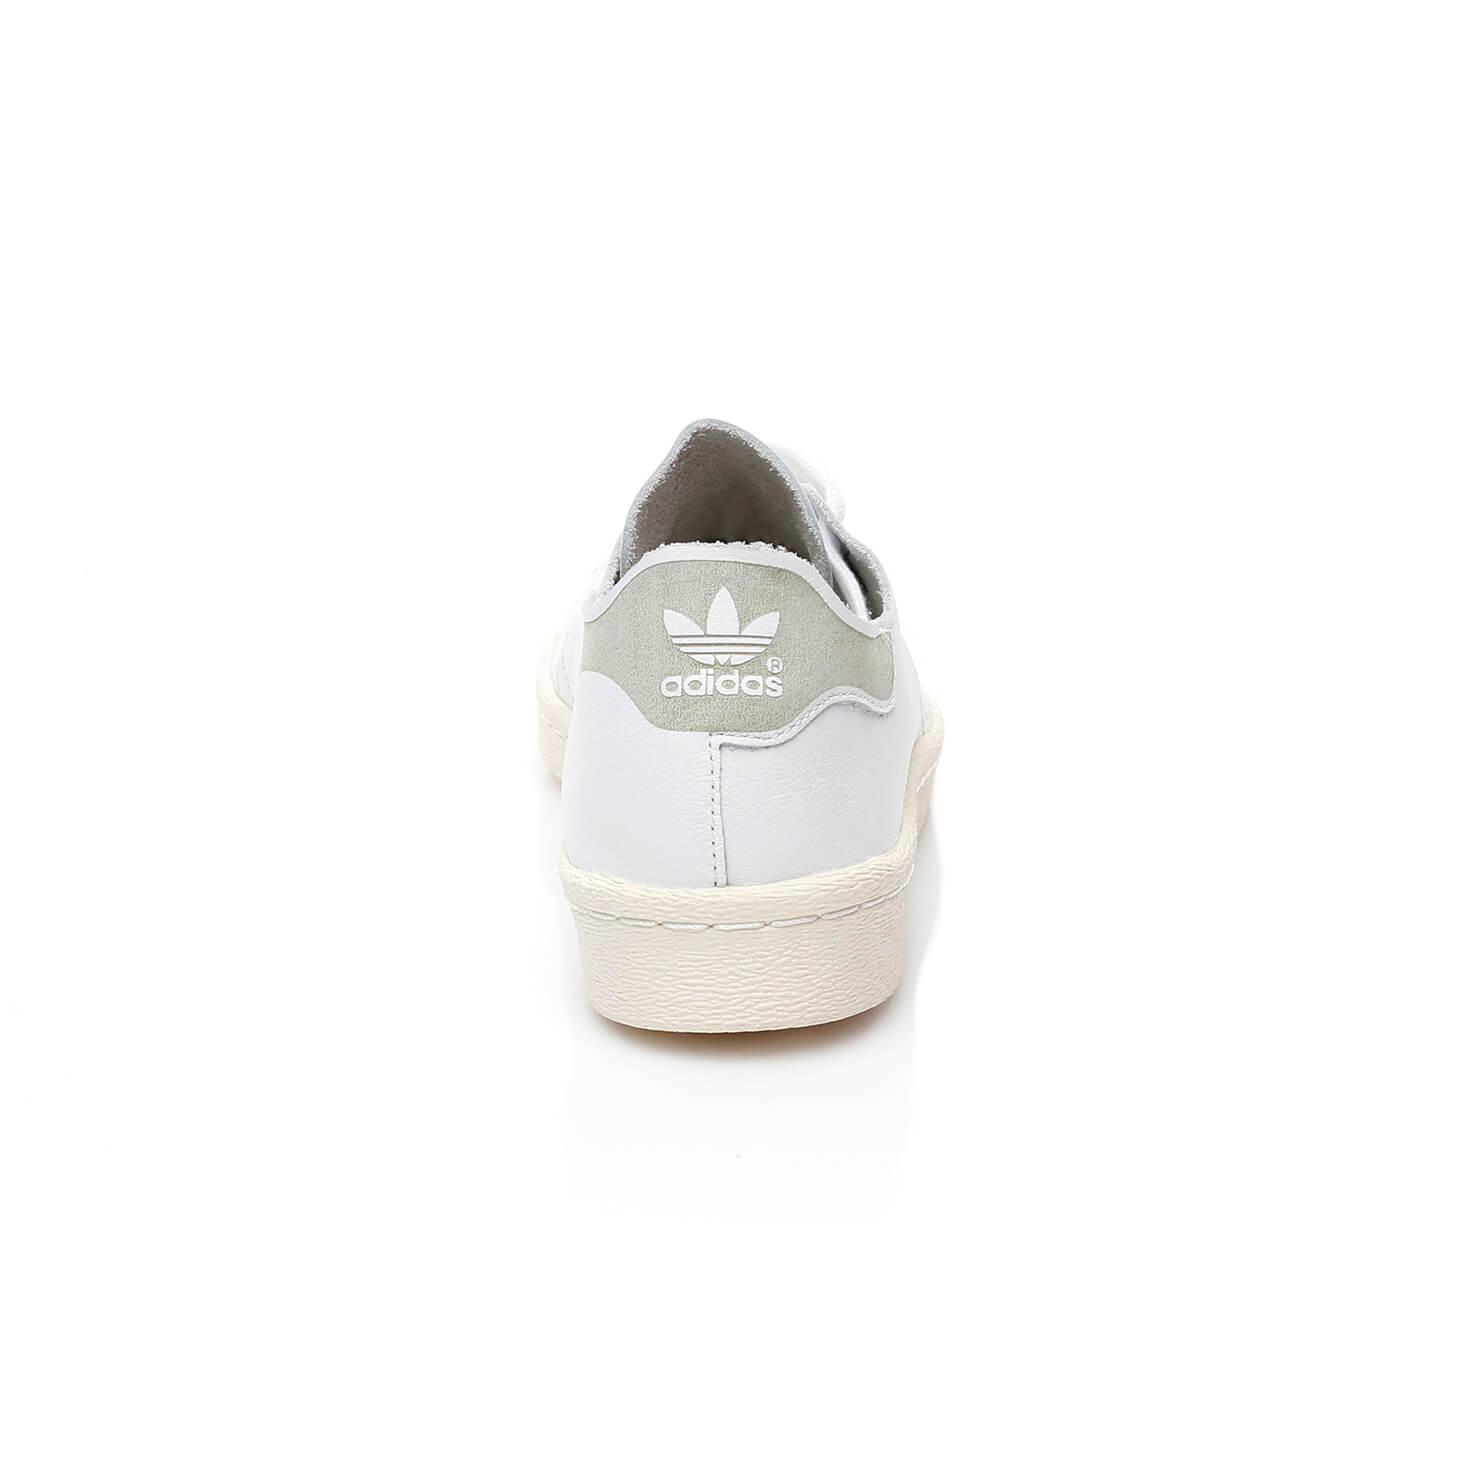 adidas Superstar 80S decon Unisex Beyaz Sneaker